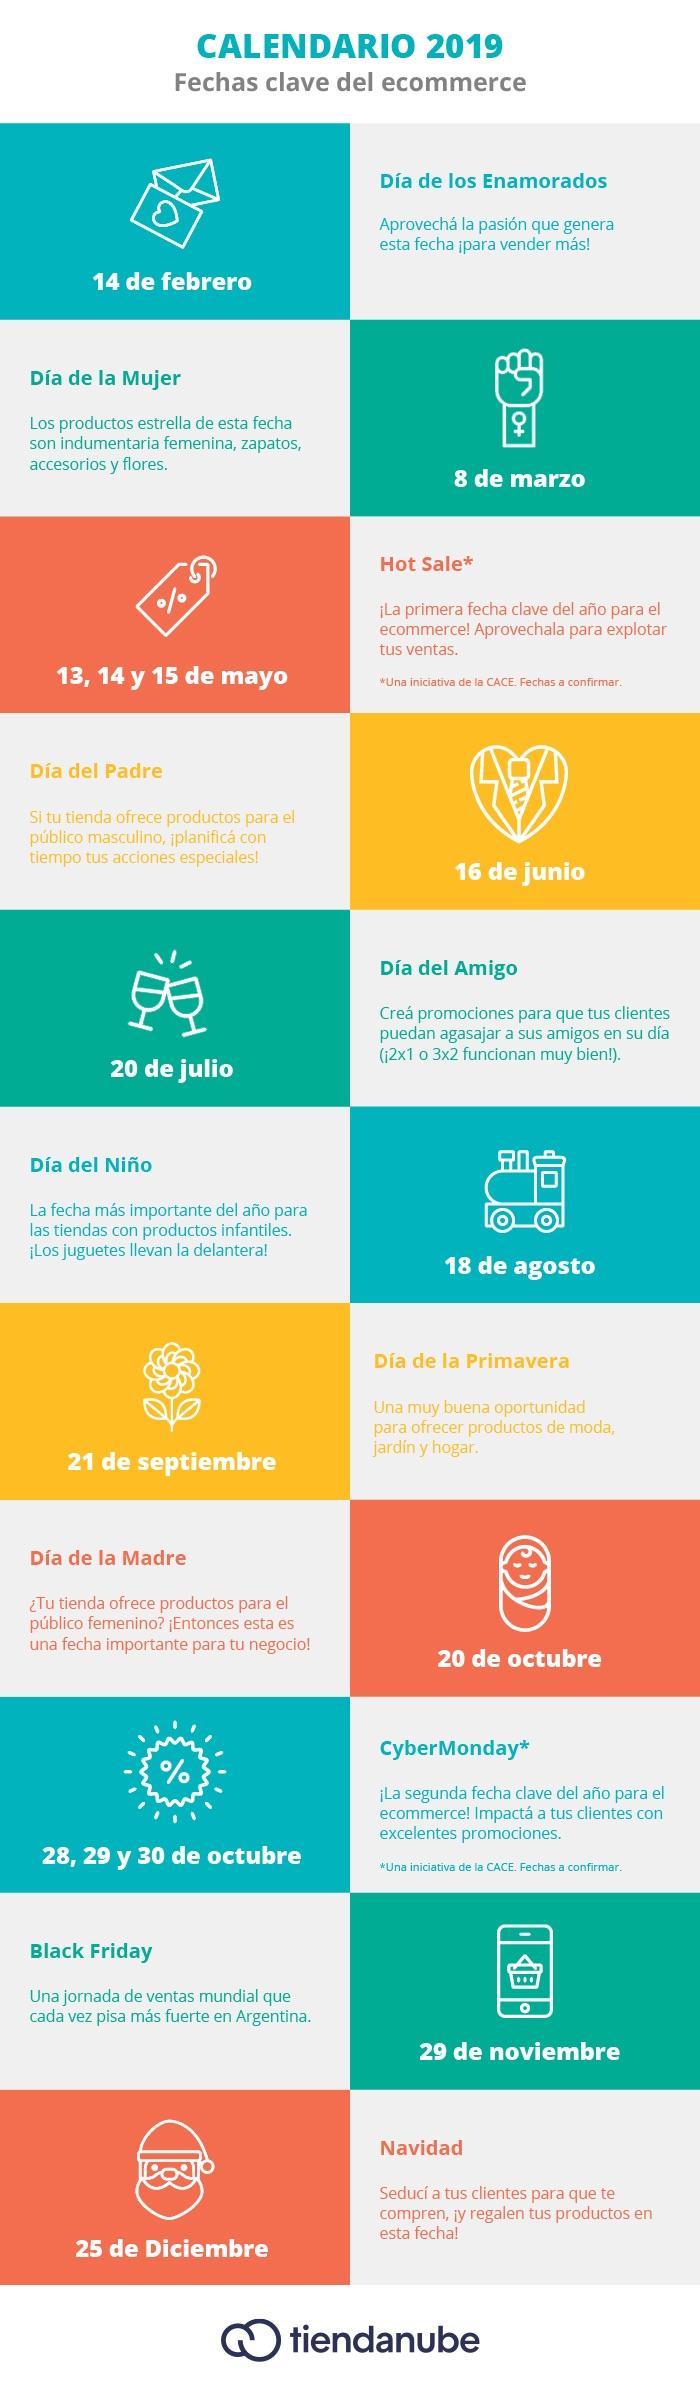 Ecommerce 2019: Principales fechas para vender más en Argentina